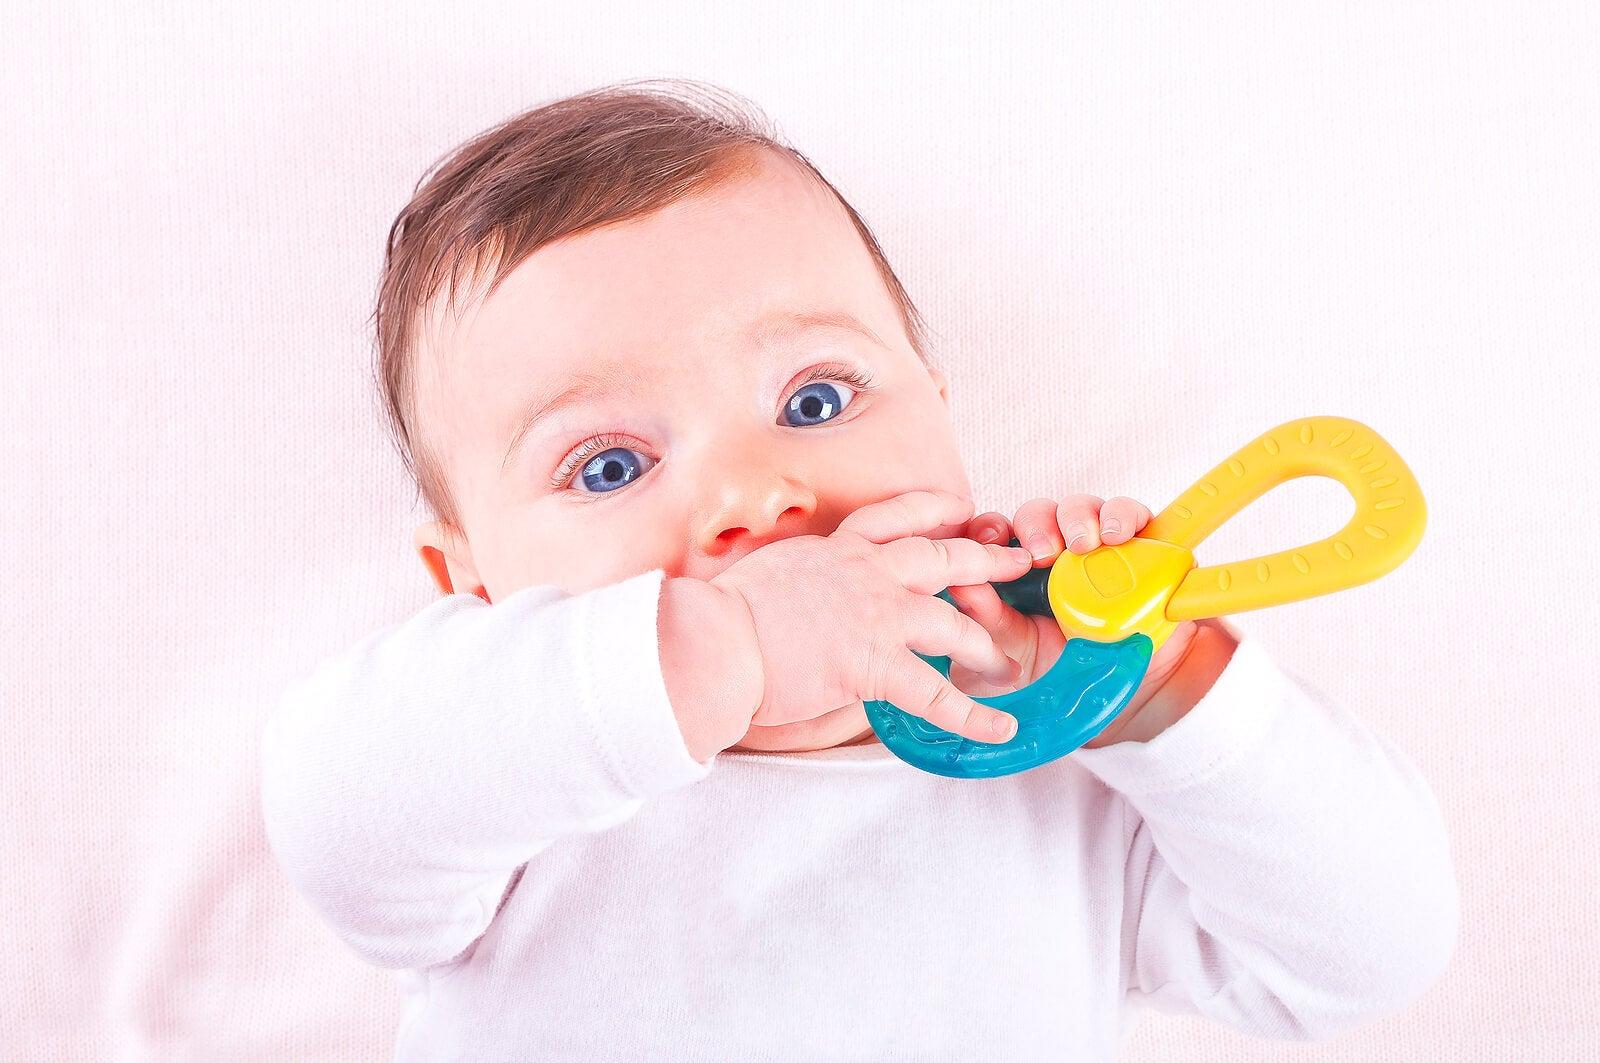 Bebé con un mordedor para los dientes.